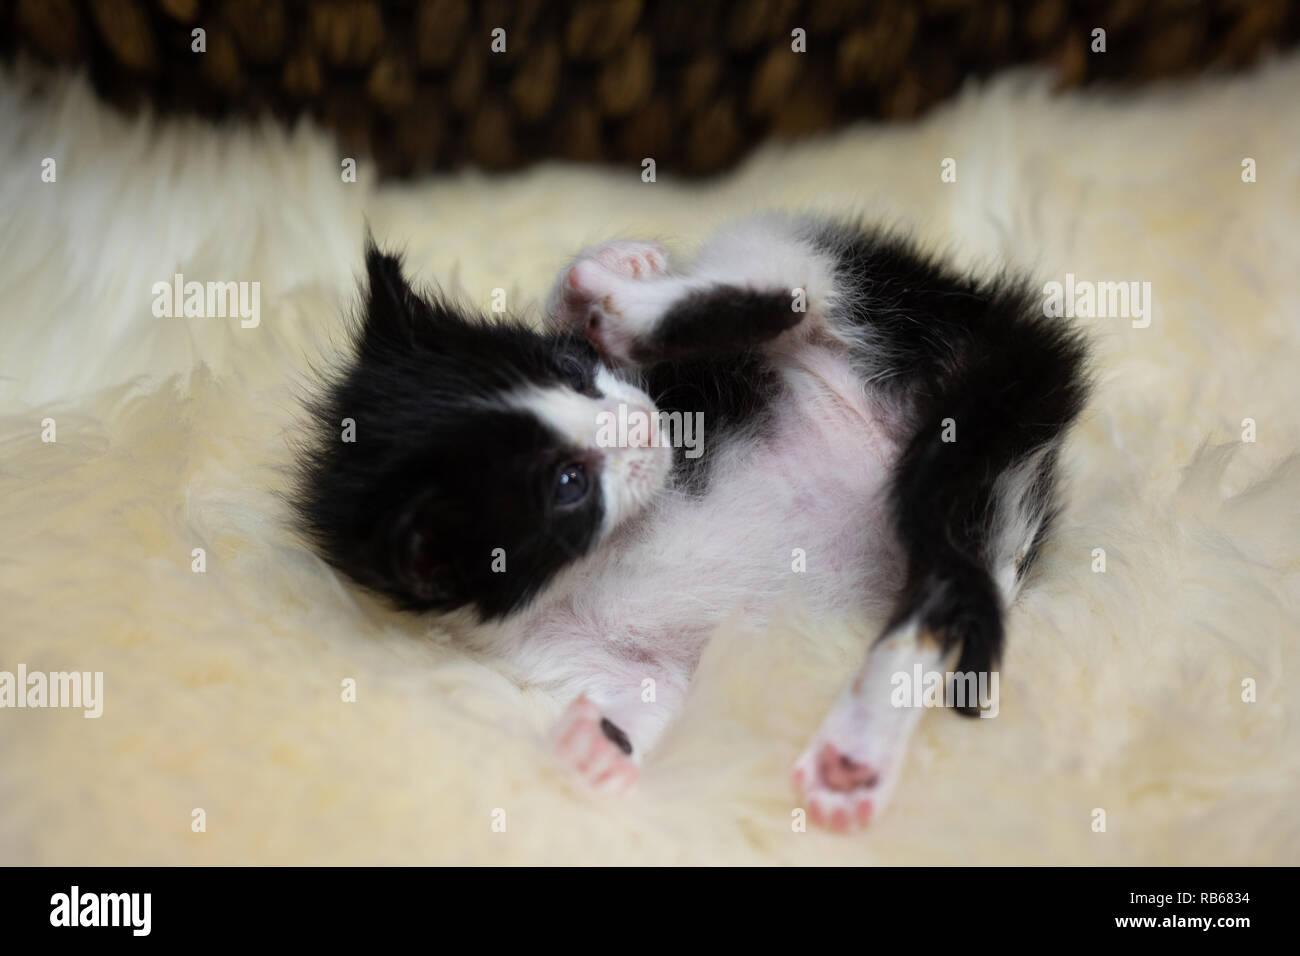 Tuxedo kitten - Stock Image